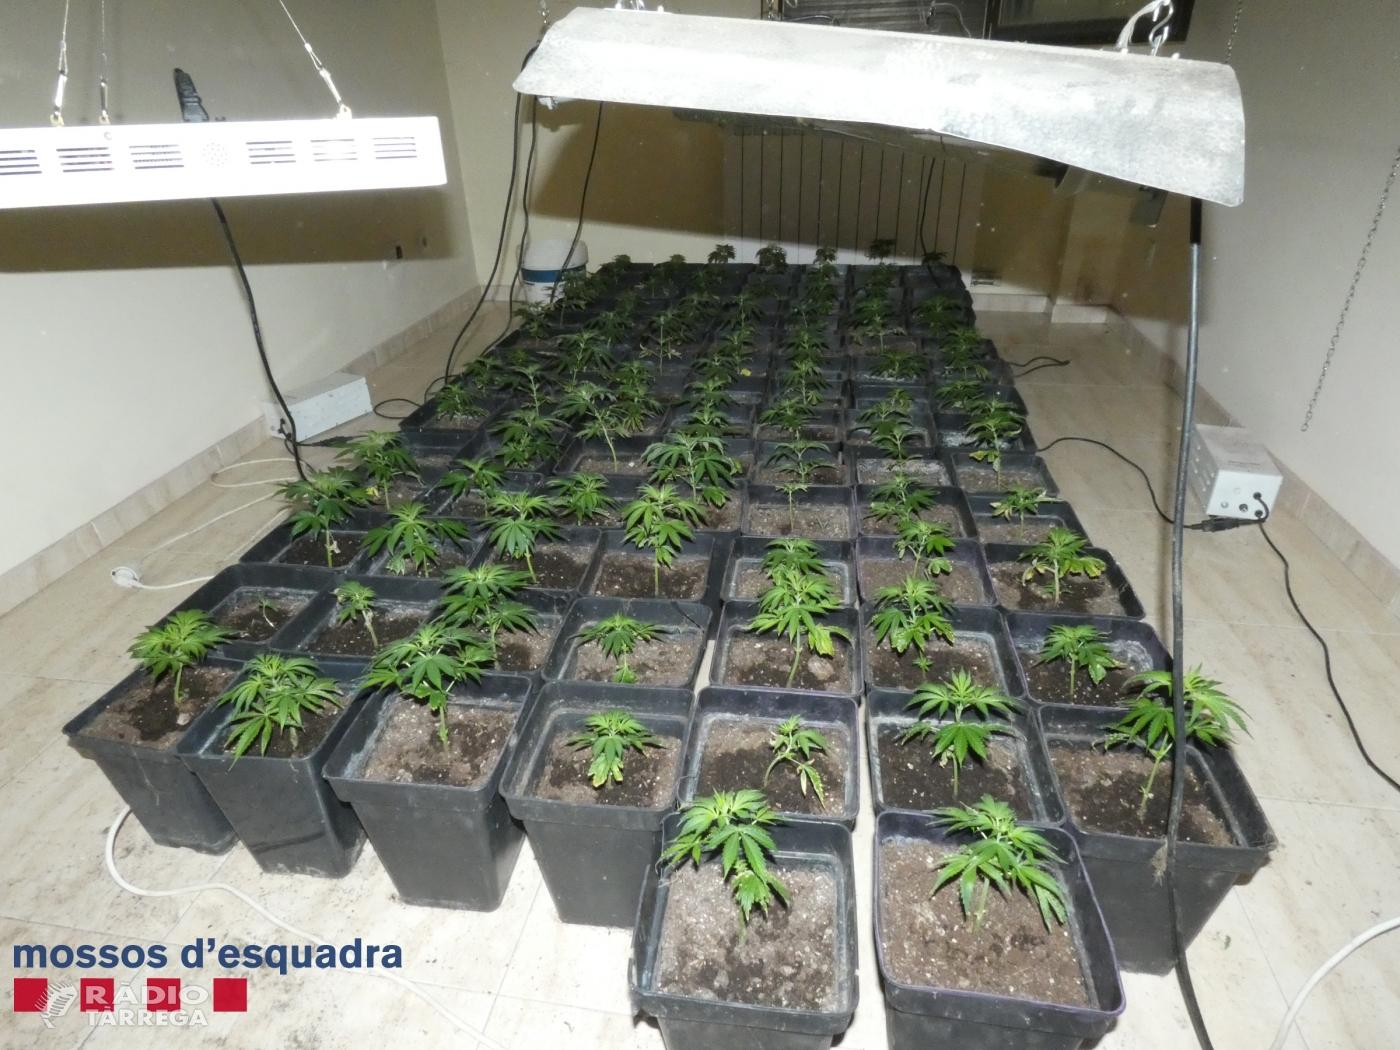 Dos detinguts per cultivar marihuana en un domicili de Cervera